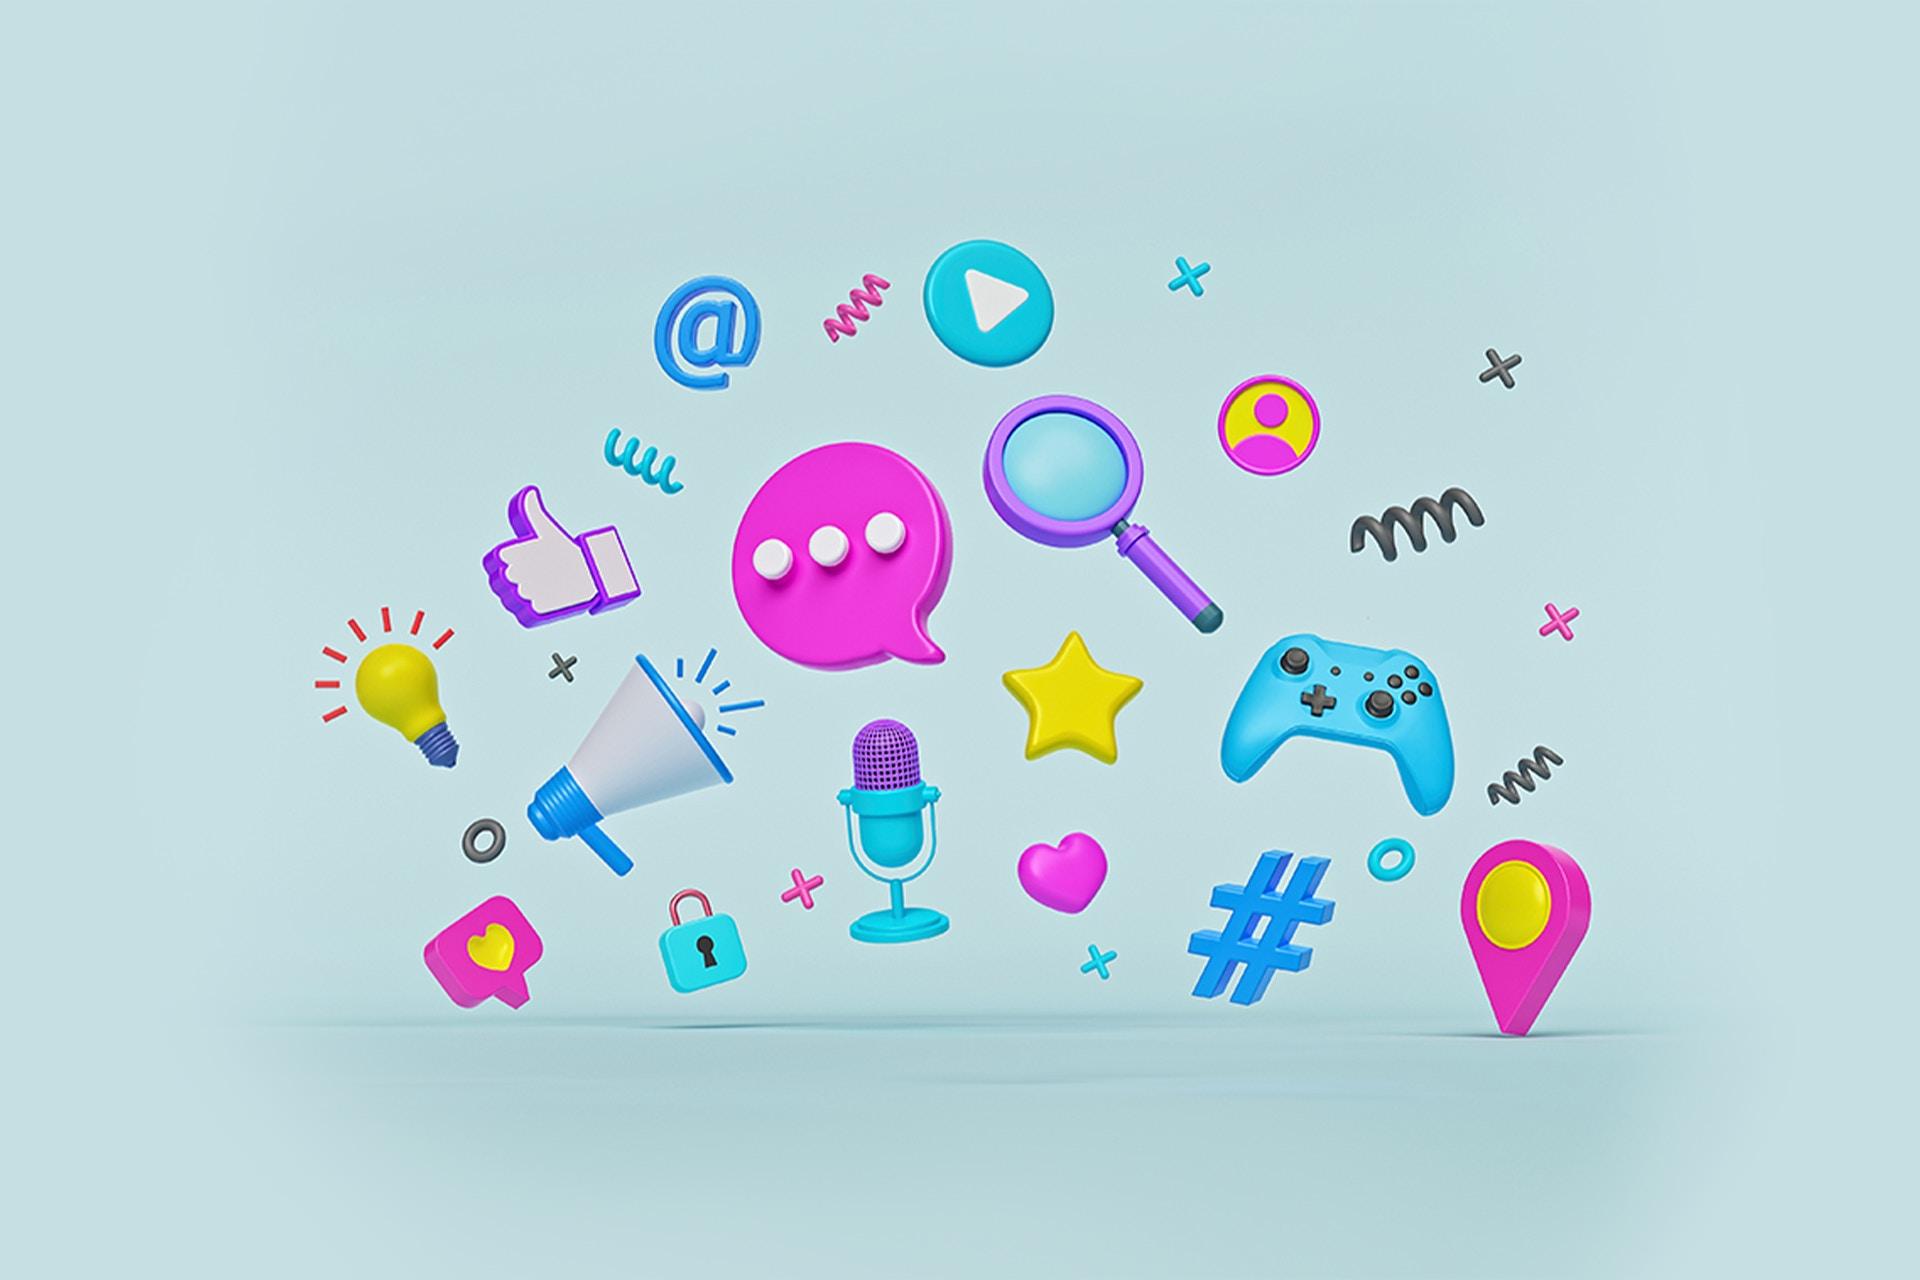 Communication icons.